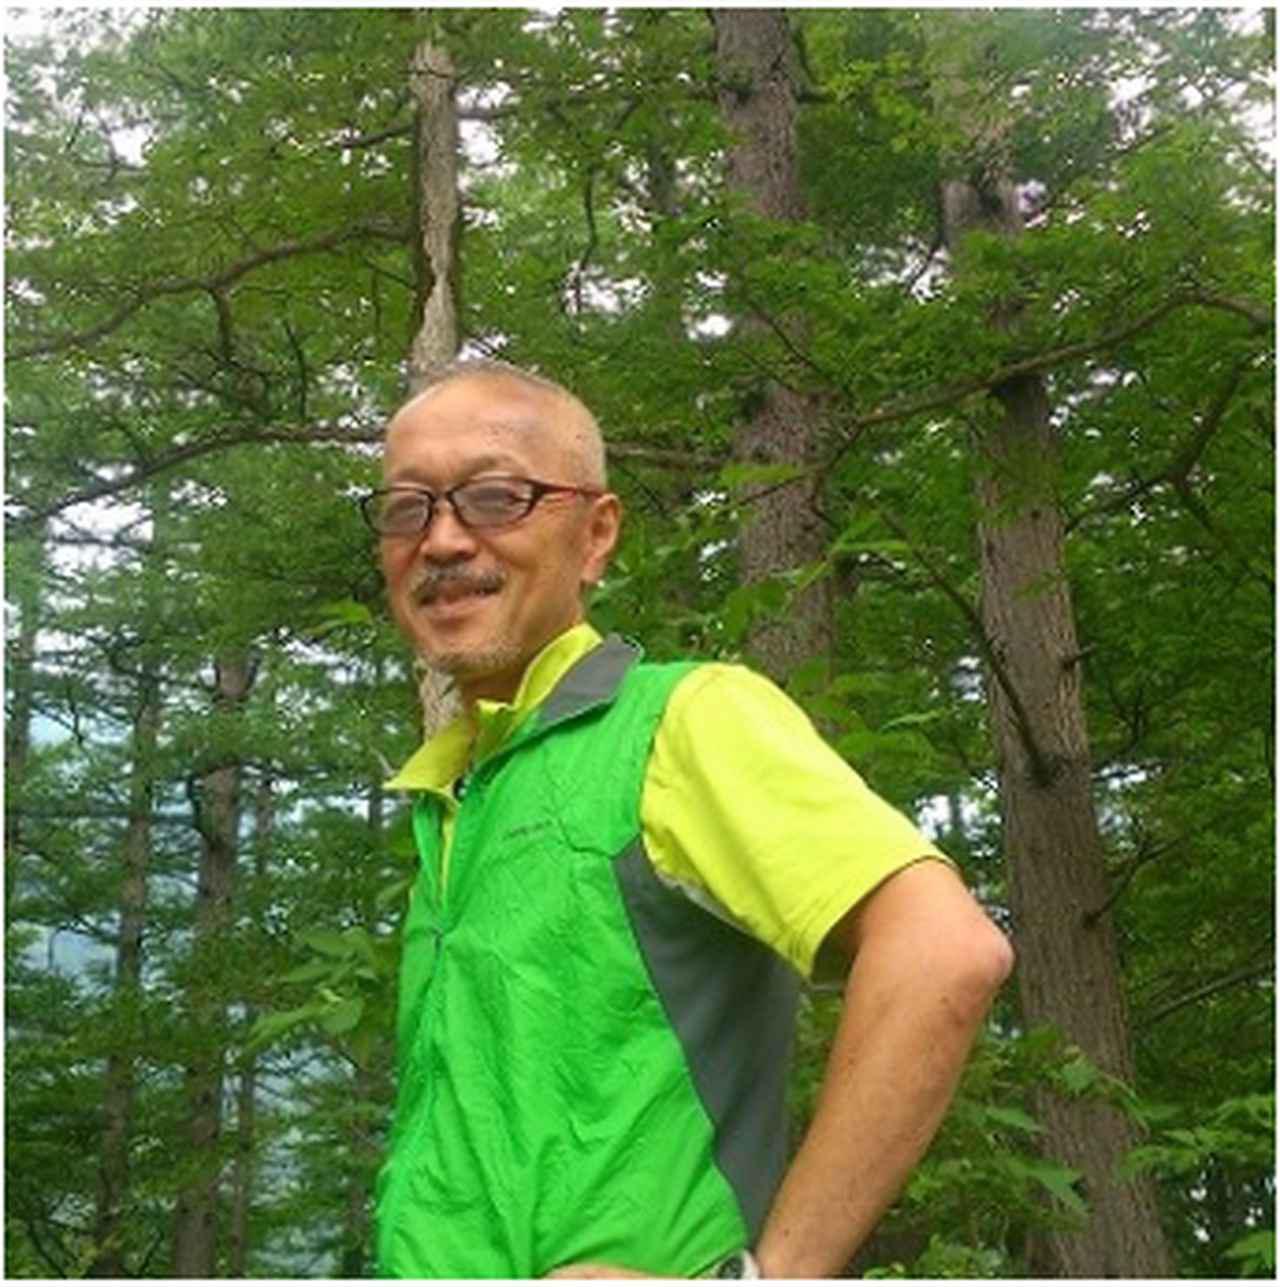 画像: 白田 剛ガイド 山旅スクールの親父的ガイド。18歳の頃から山登りを始め、大学ではクラブに入り、その後クラブ監督をおよそ10年務める。その間、ヒマラヤ5,000m級のトレッキングを2回実施、国内では、厳冬期の飯豊連峰登山など冬から夏までの山をこなす